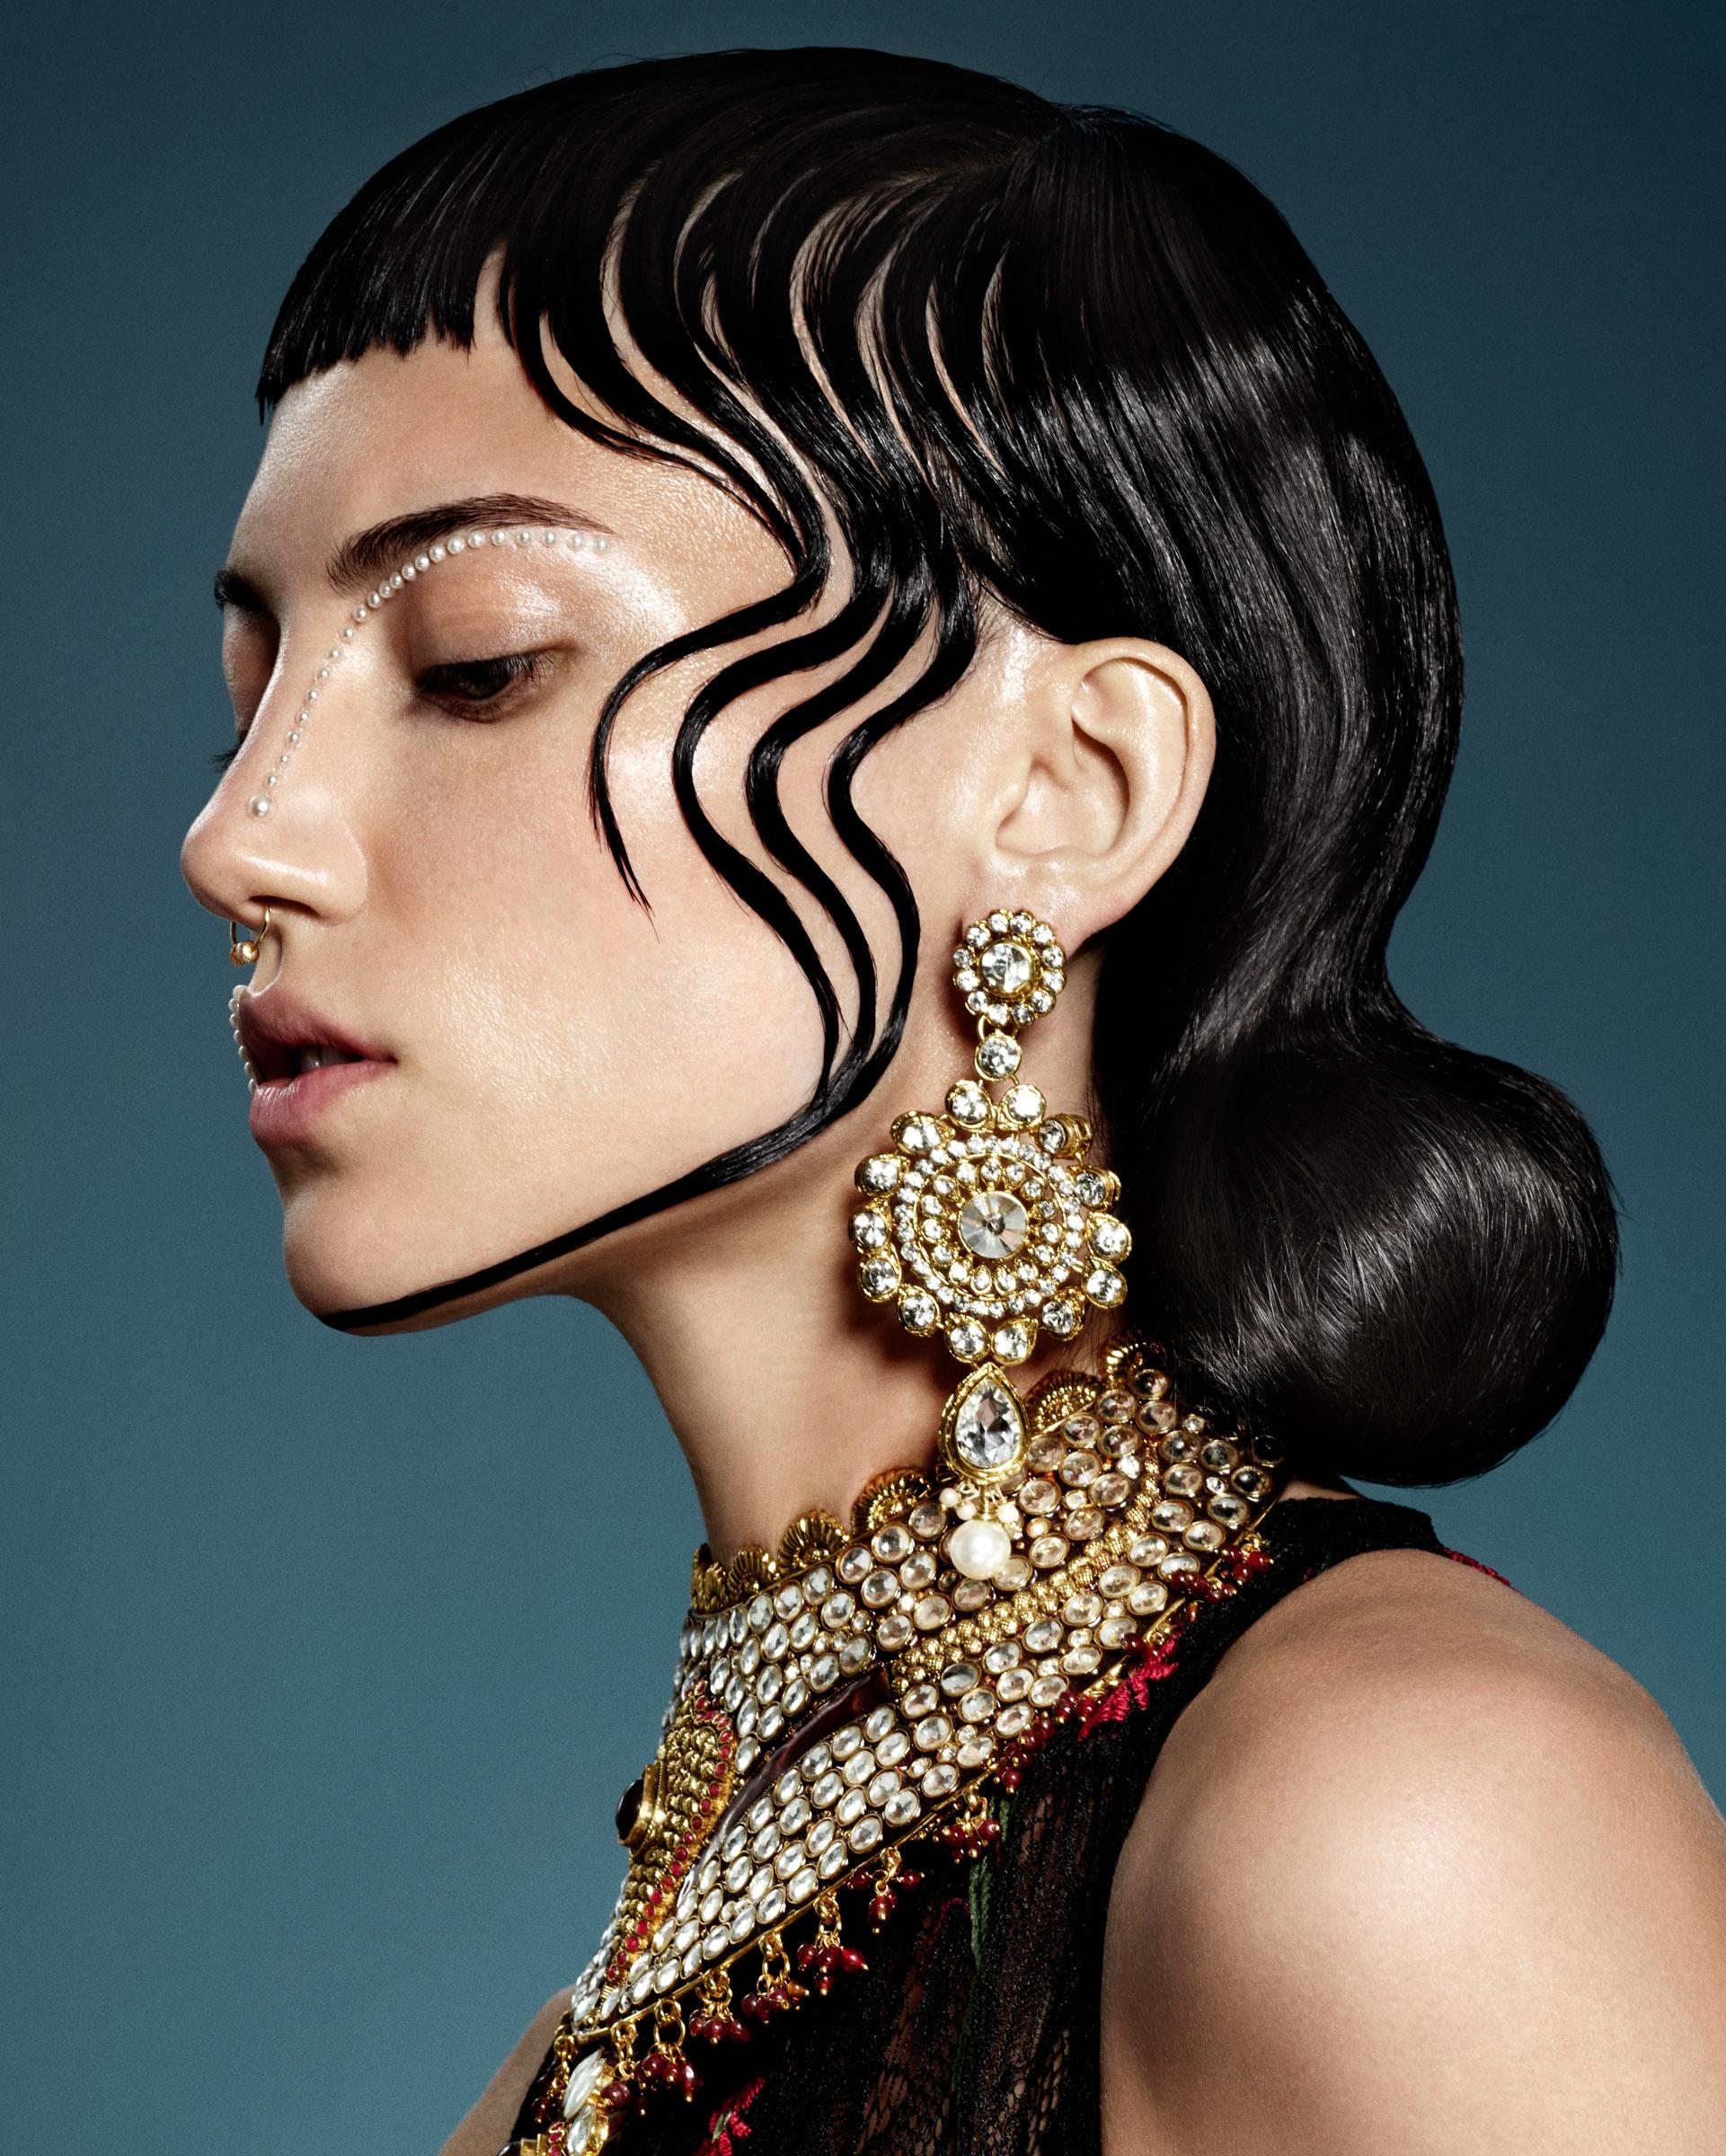 Jack_Eames_Beauty_Makeup_Shot_04.jpg